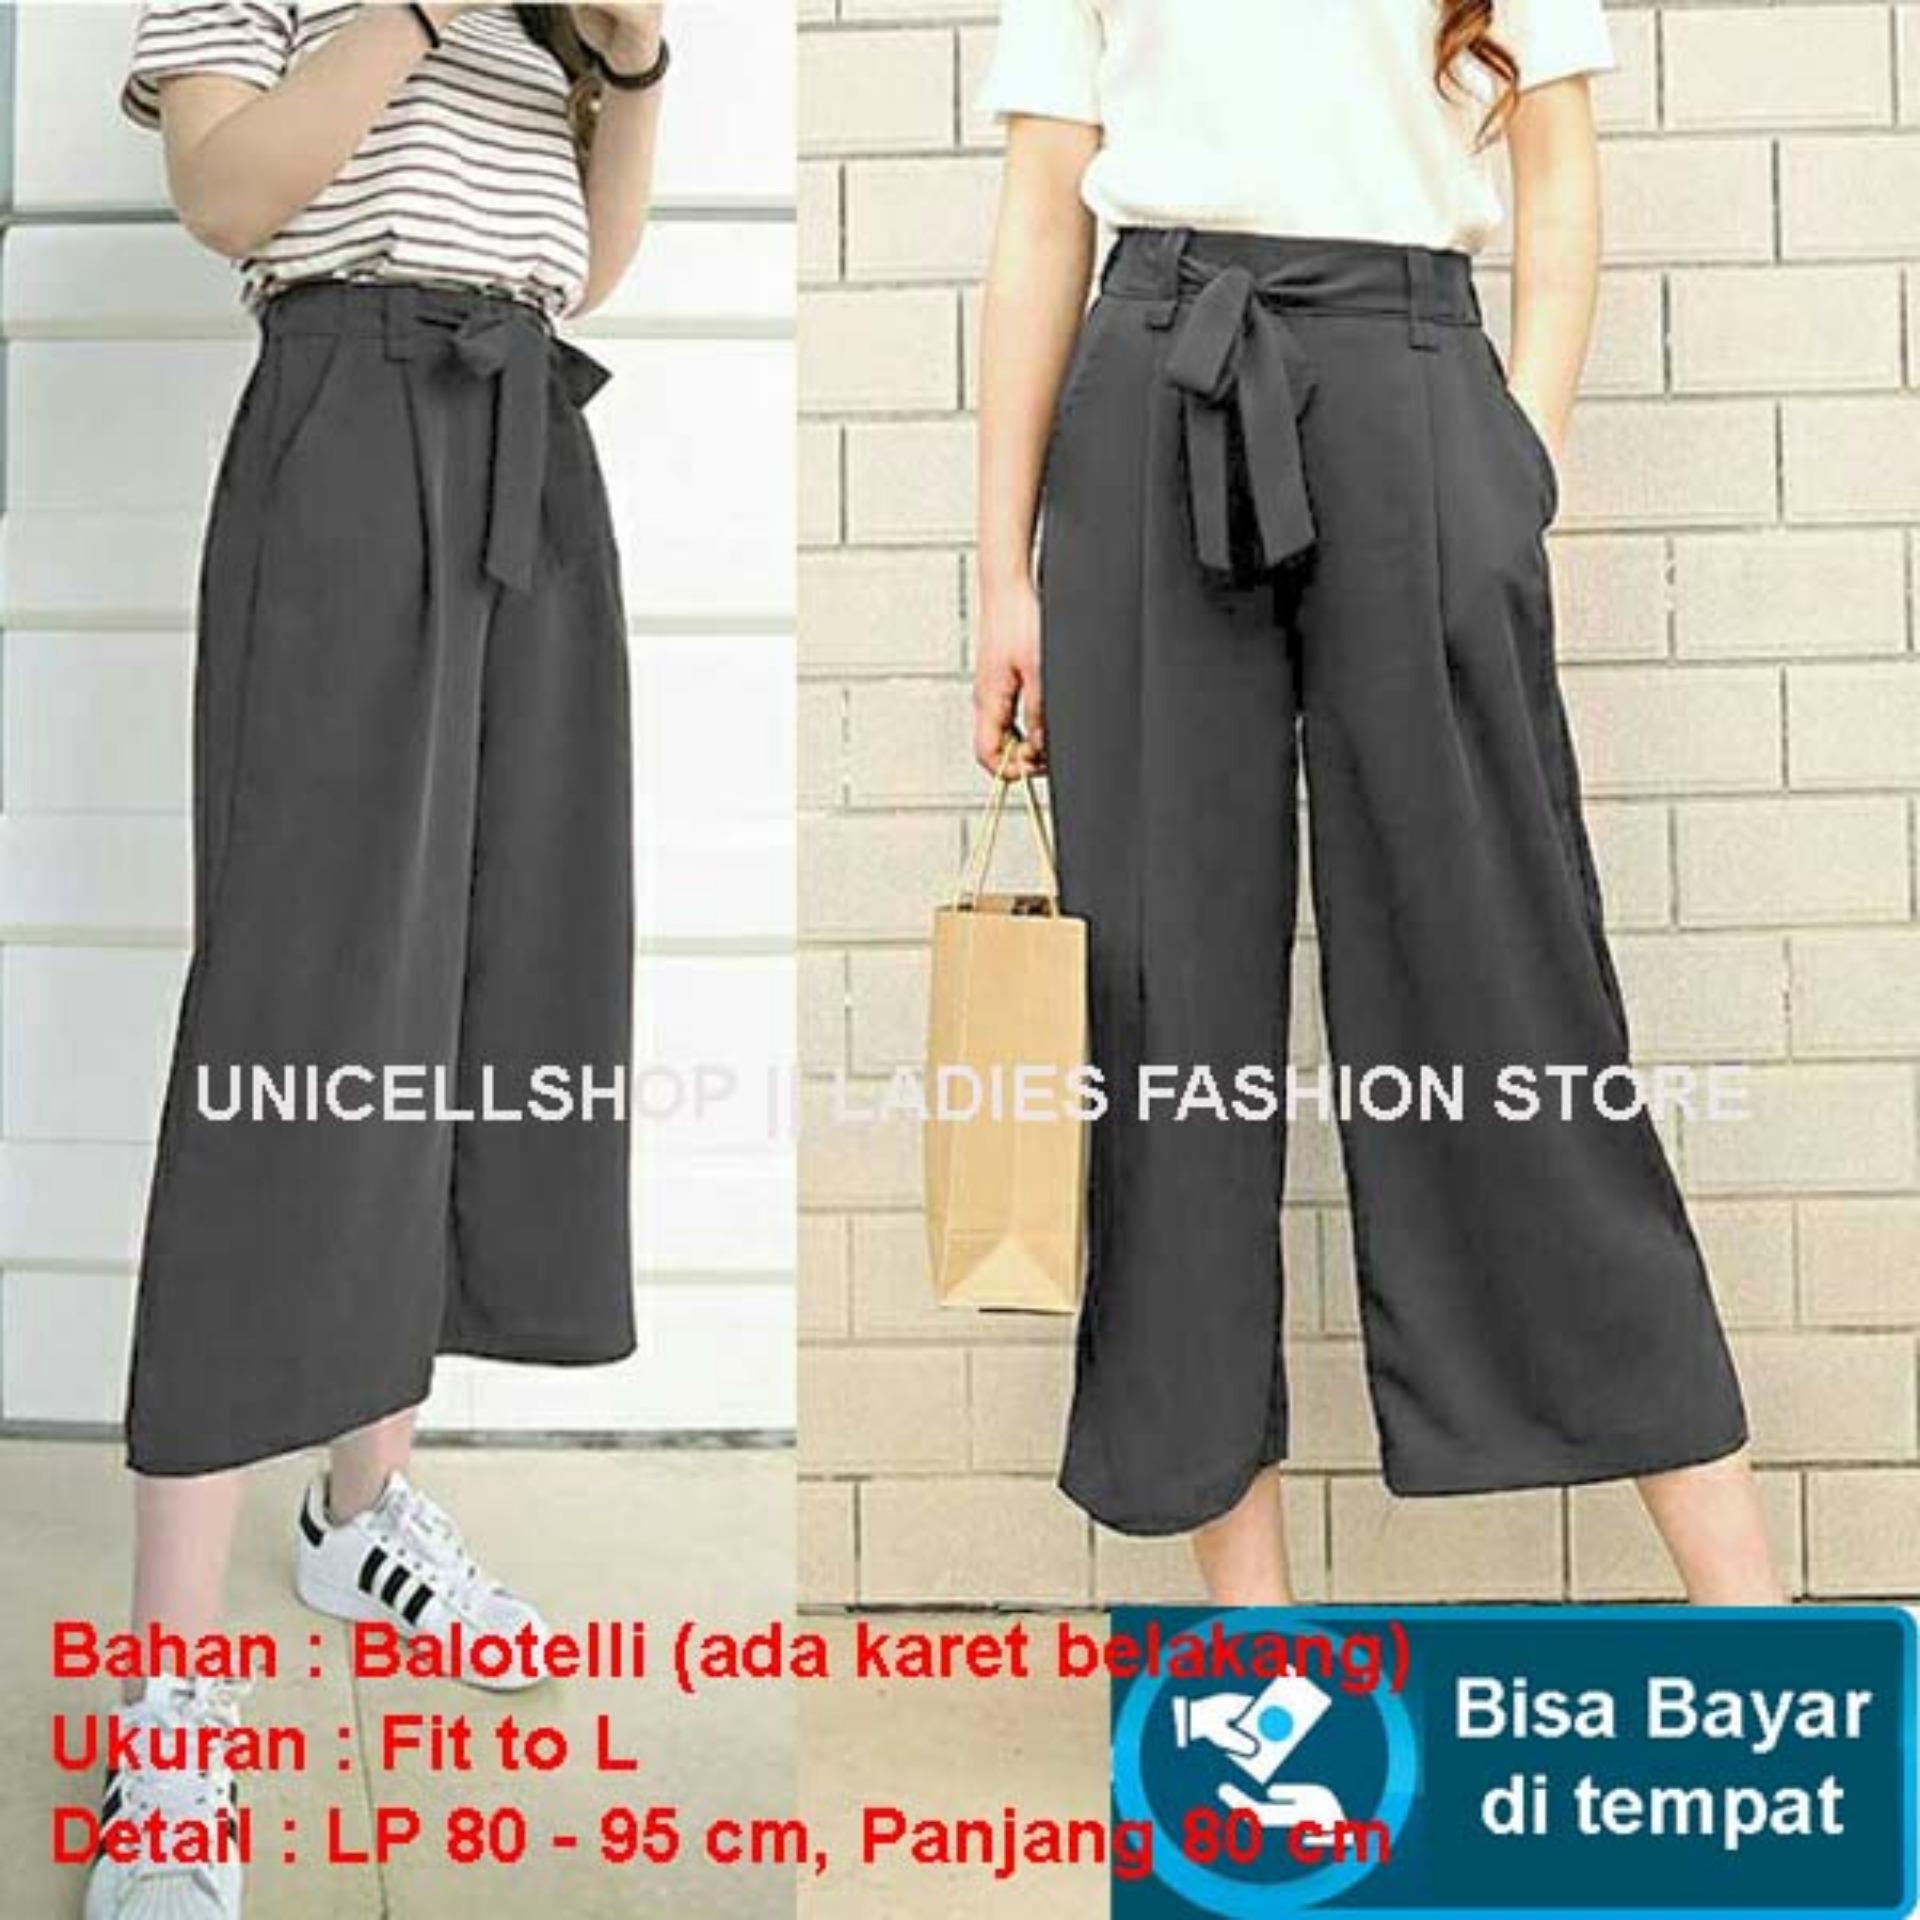 TERBARU Celana Kulot Import Bahan Bagus Kulot Polos / Kulot Pendek / Short Pants Cullote Modis